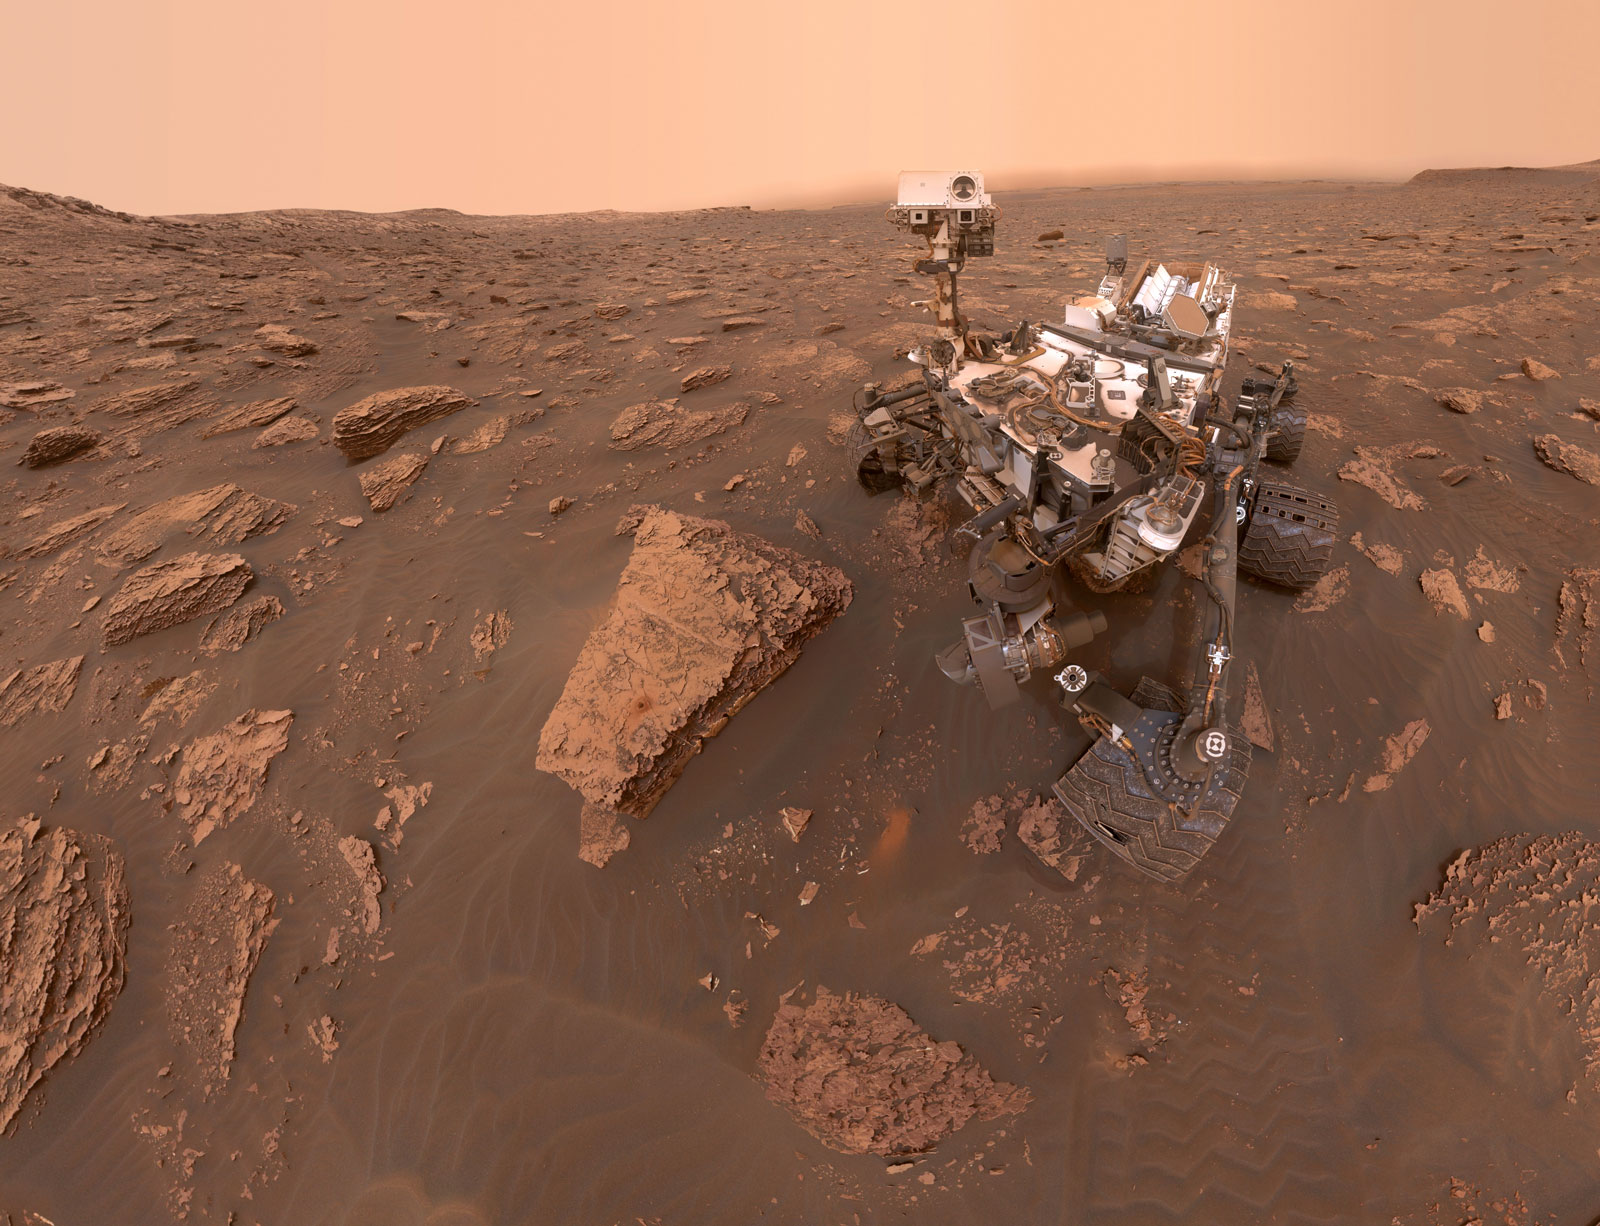 Селфи Curiosity «Дулут»: марсоход НАСА Curiosity сделал это селфи 15 июня 2018 года, что было 2082-м марсианским днем или солнцем миссии марсохода. Пыльная буря уменьшила солнечный свет и уменьшила видимость в месте нахождения марсохода, которое находилось на буровой площадке «Дулут».